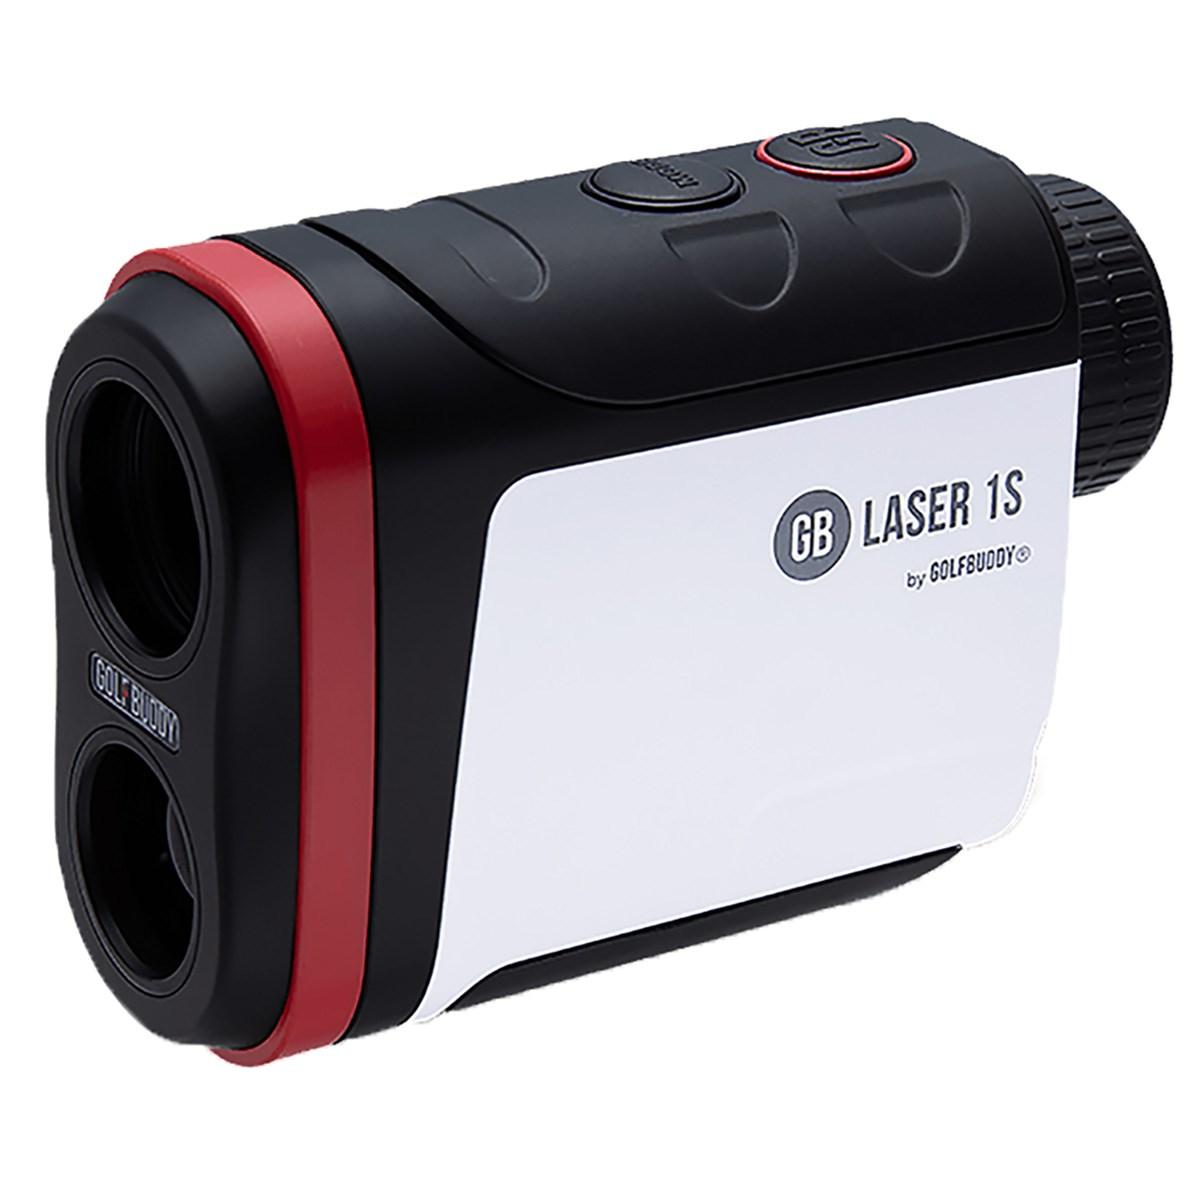 ゴルフバディー GolfBuddy GB LASER1S レーザー距離計測器 ブラック/ホワイト/レッド